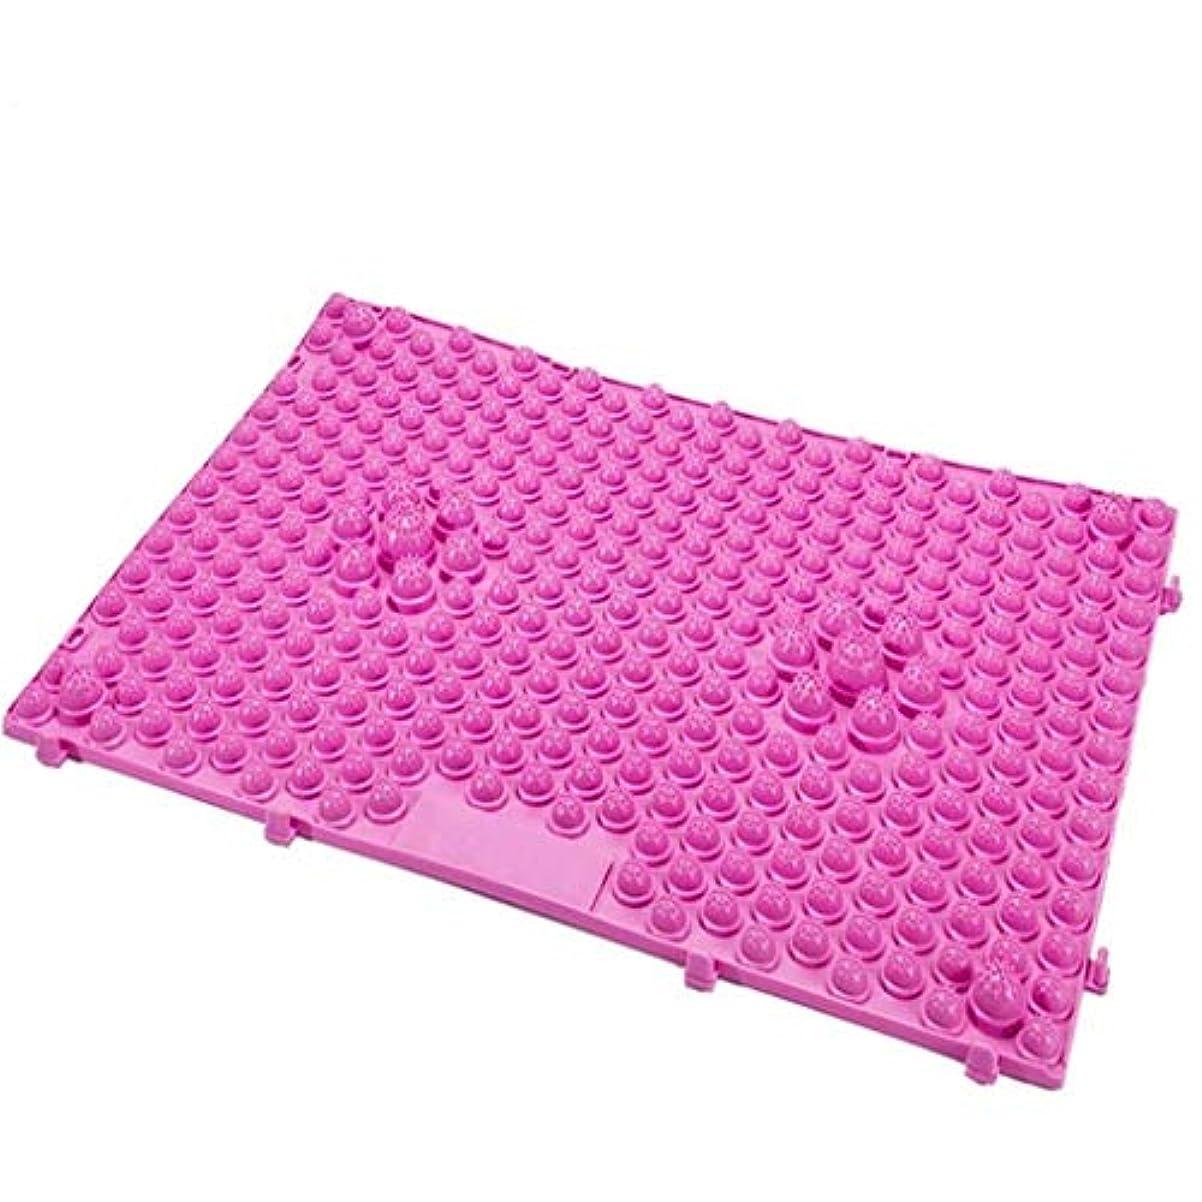 親愛な相手不適フットマッサージャー、フットマッサージ指圧パッド、フット/トーマッサージパッド、バスルームマット/ヨガマット/スポーツマット (Color : ピンク)